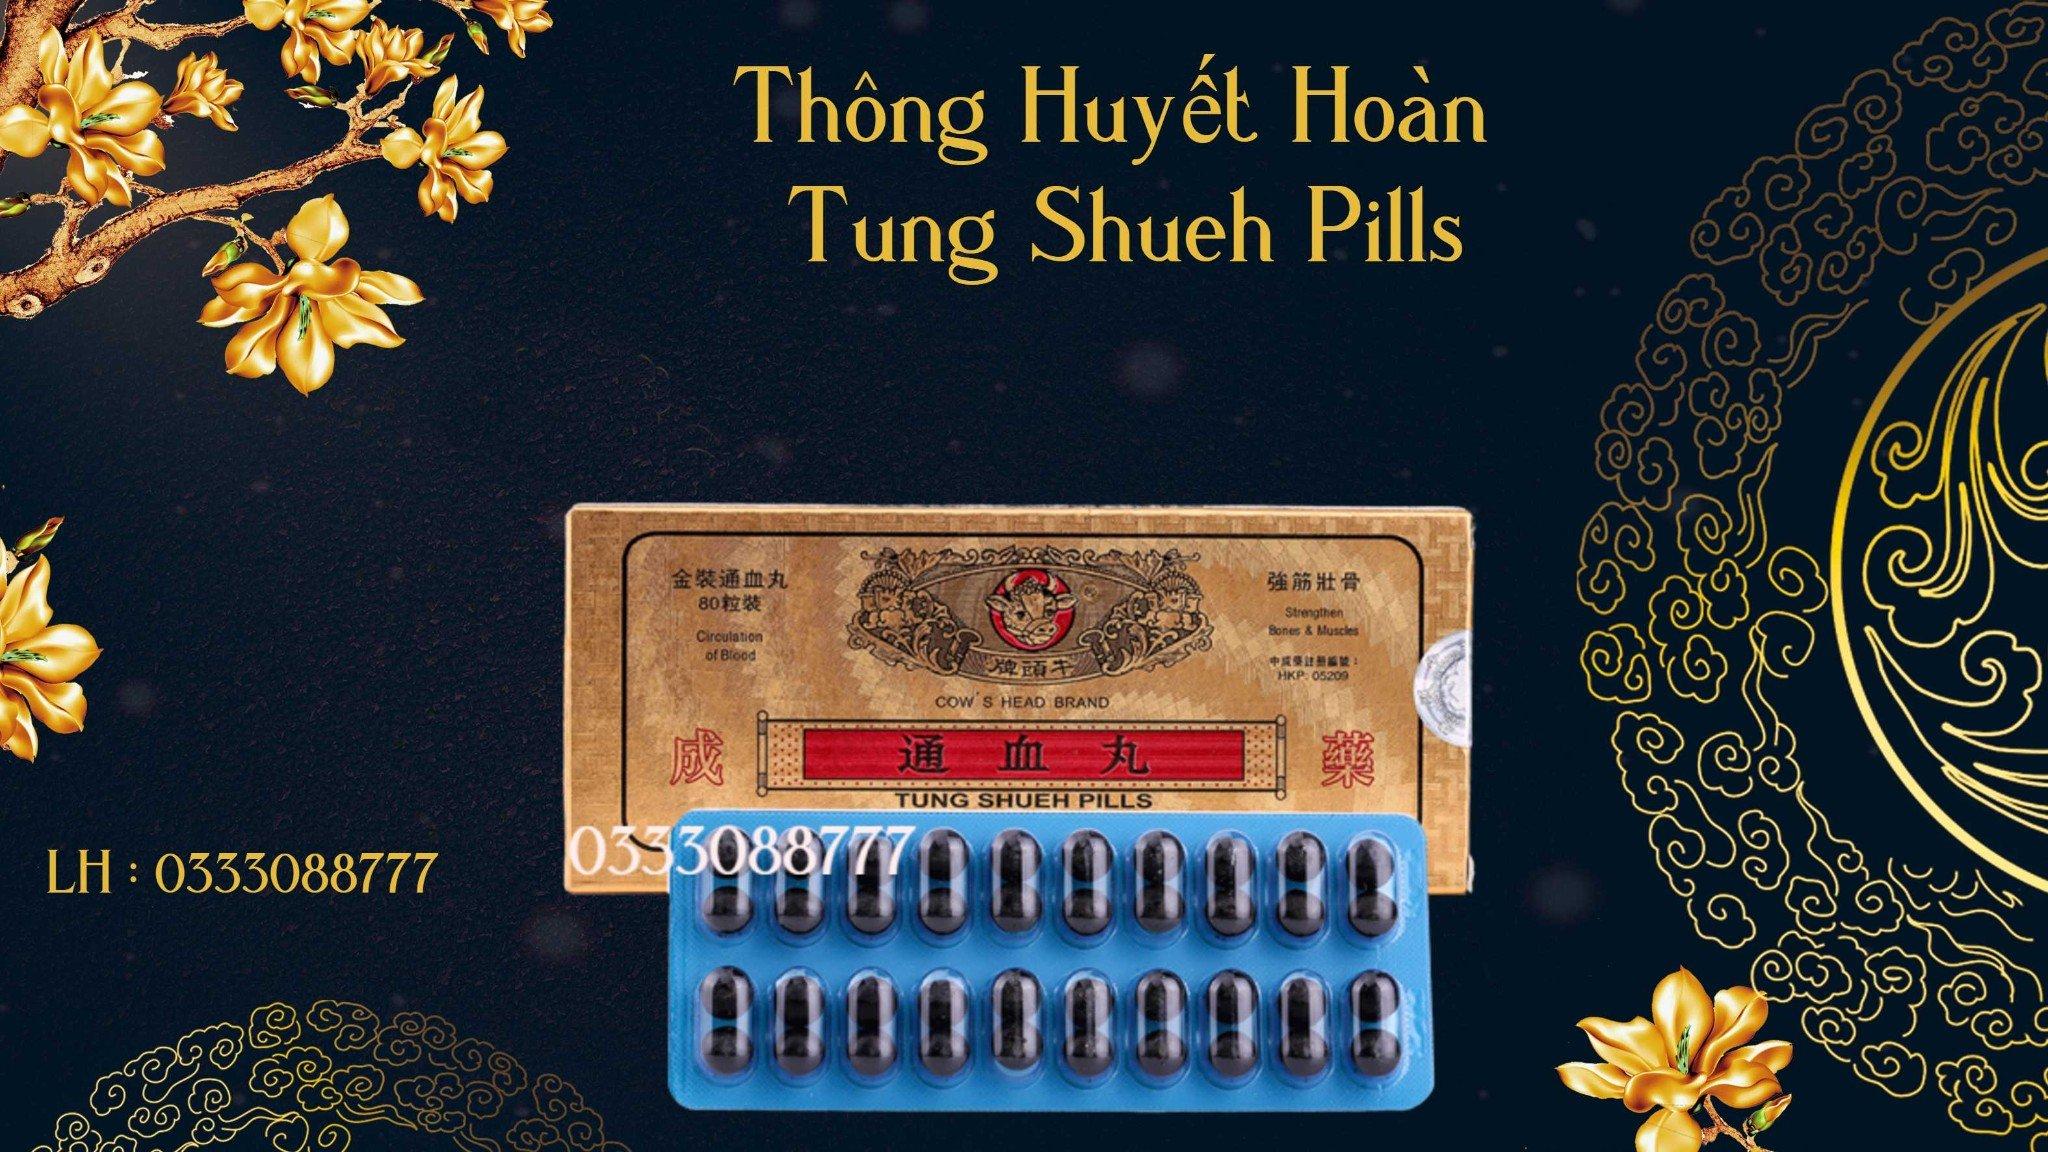 Tung Shueh Pills